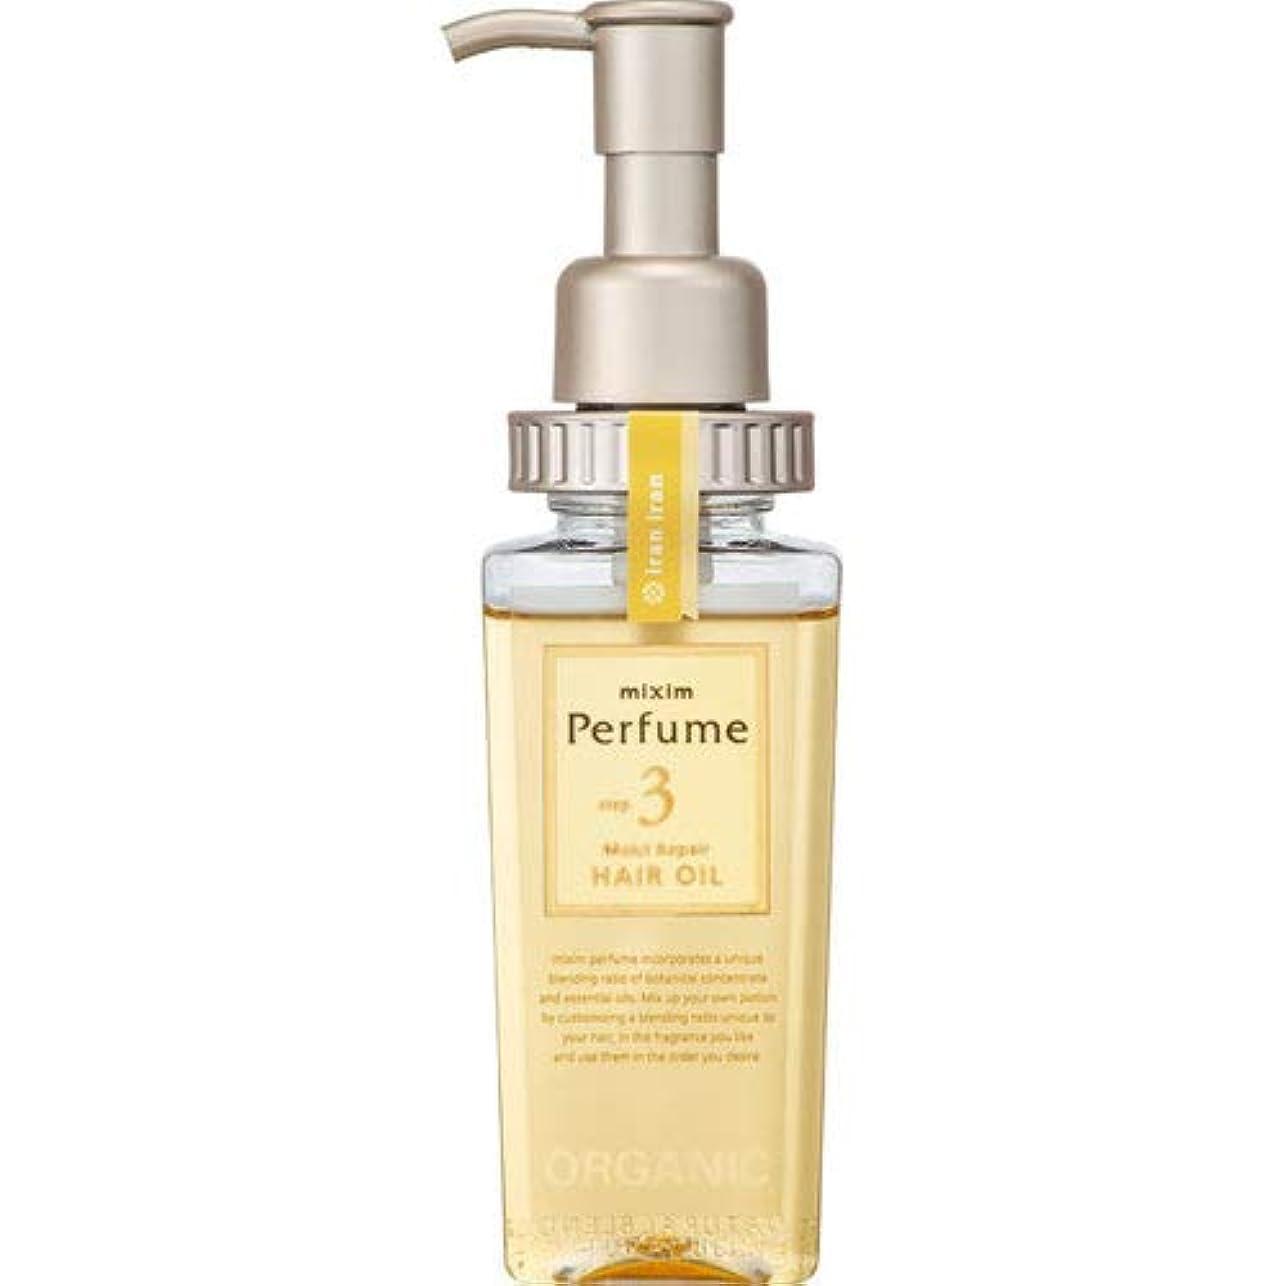 息切れ錆びデモンストレーションmixim Perfume(ミクシムパフューム) モイストリペア ヘアオイル 100mL